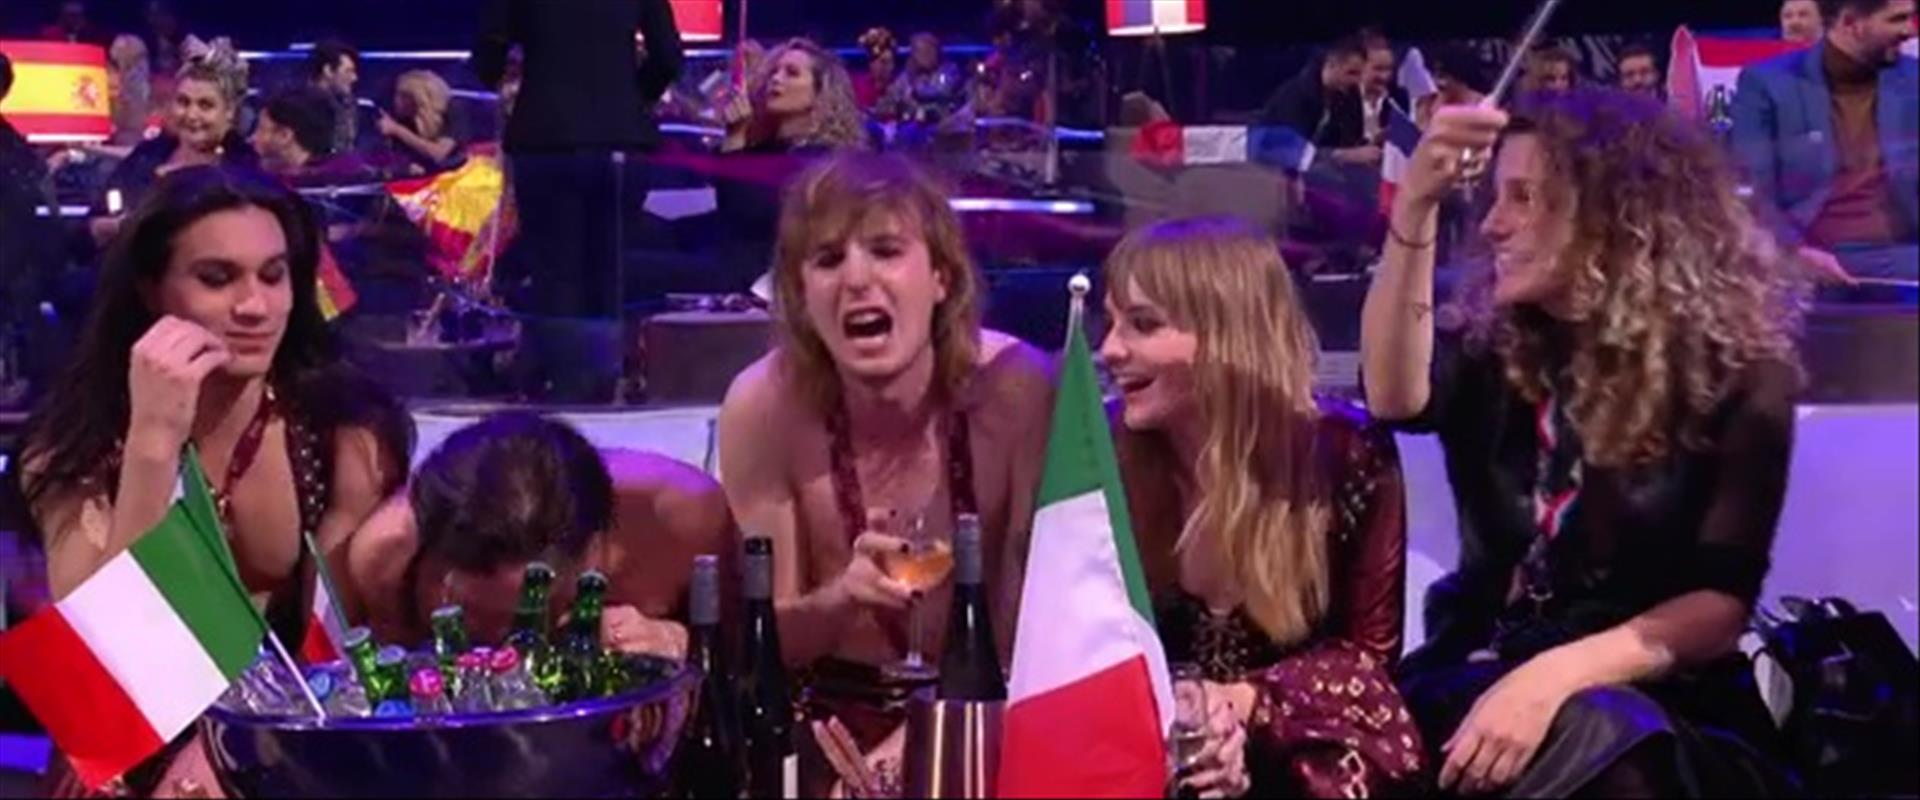 הסולן האיטלקי בתקרית